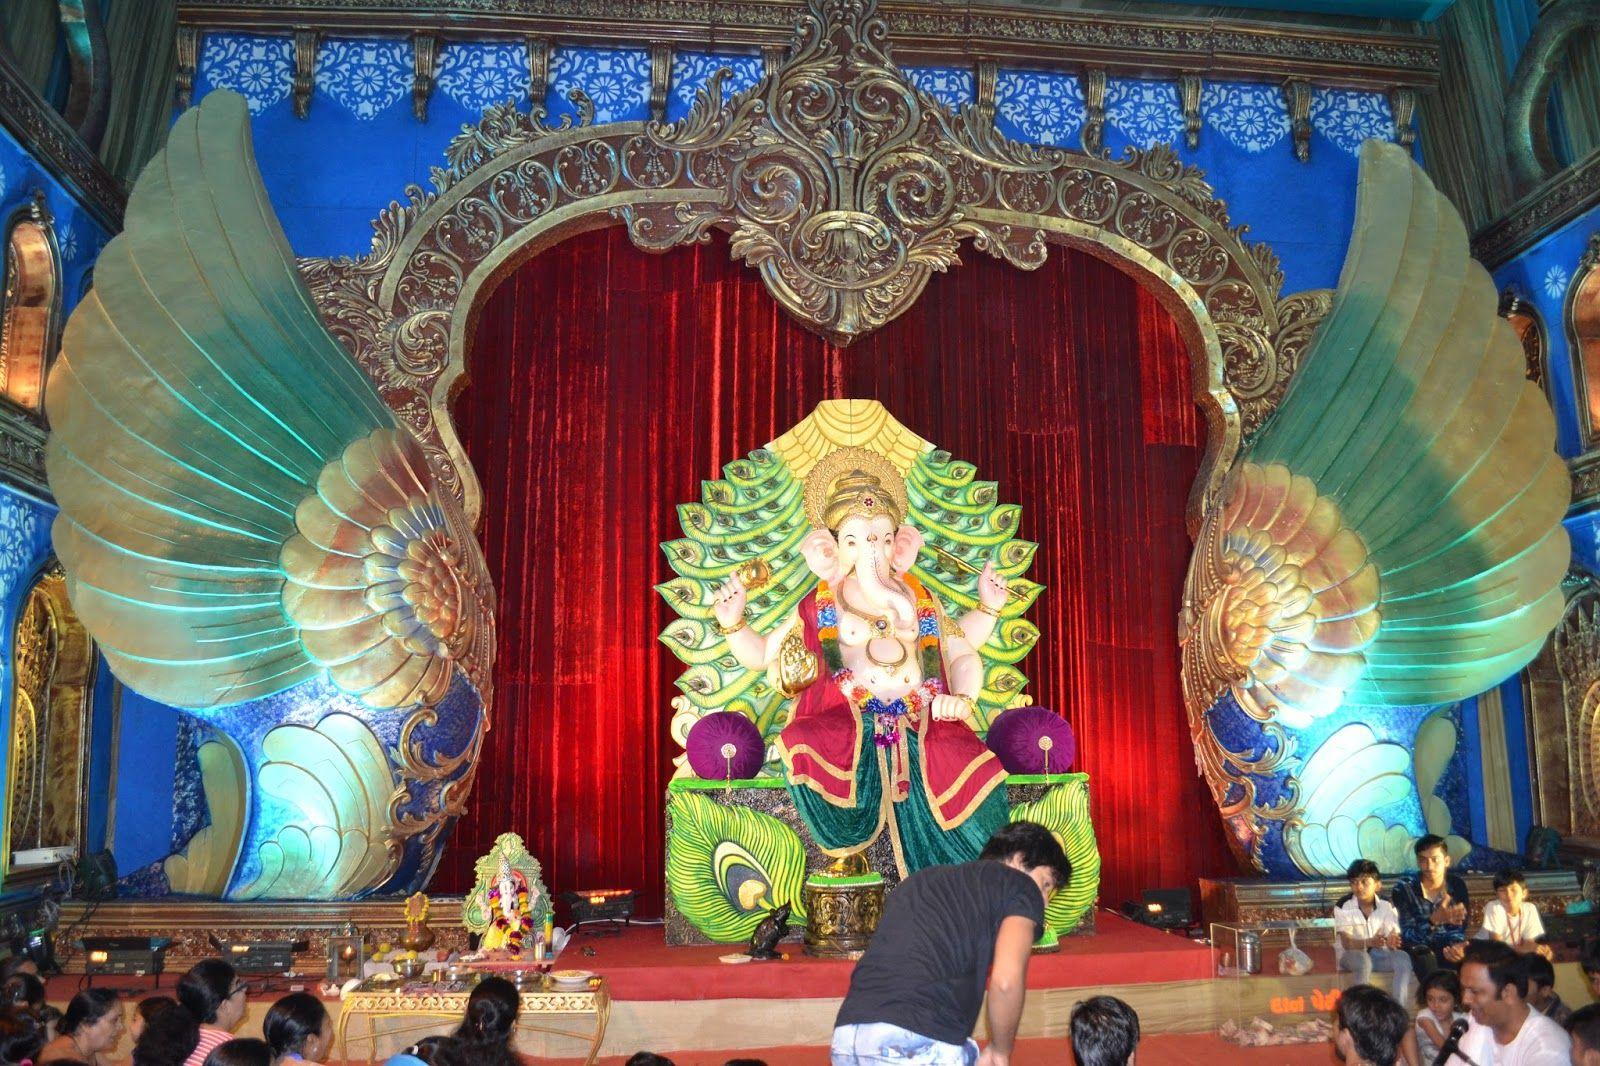 2017 Surat City Famous Ganesha Group Celebration